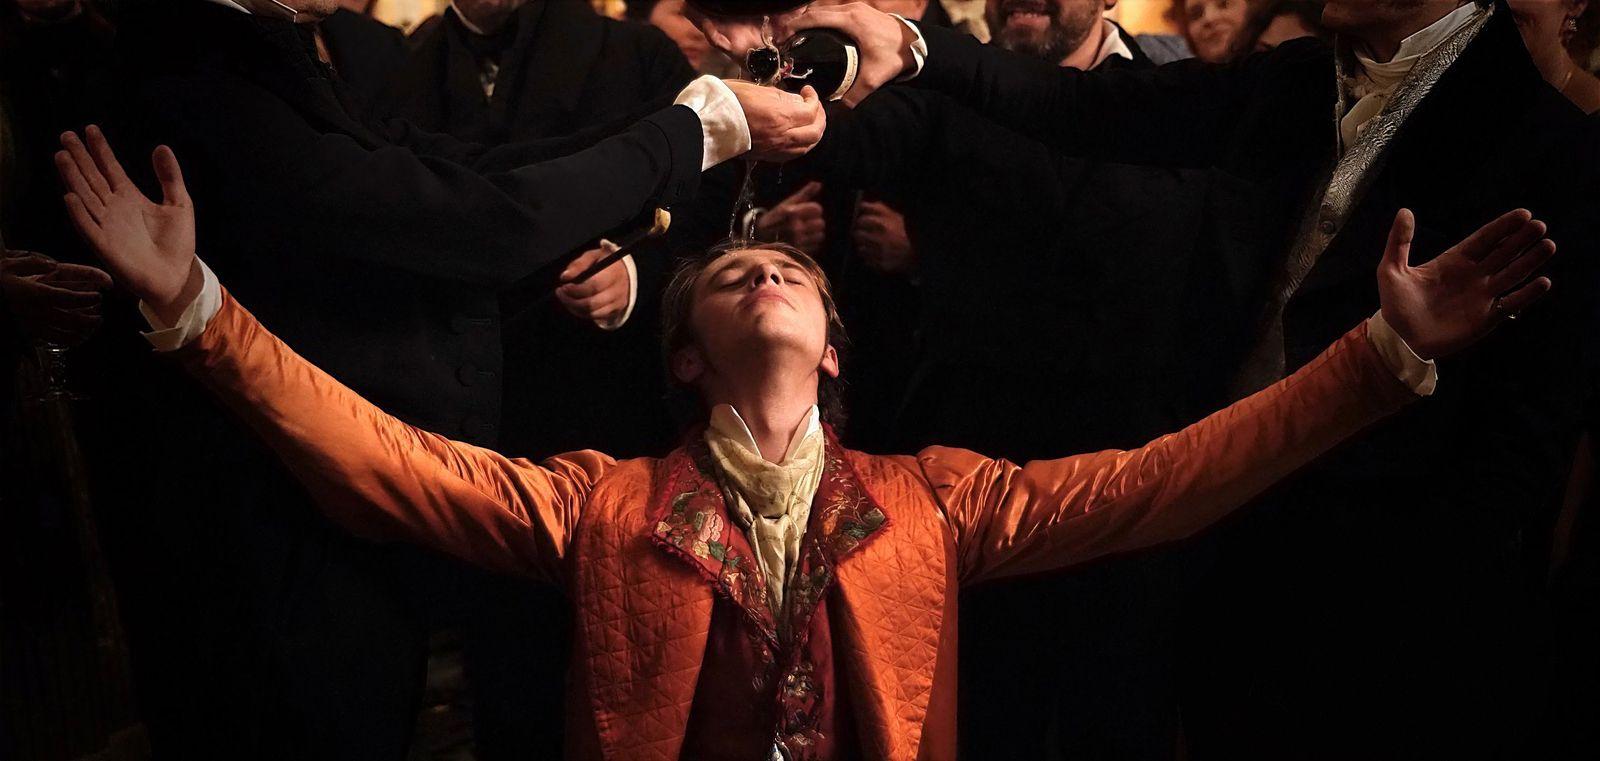 ILLUSIONS PERDUES Un film deXavier Giannoli Sélectionné en compétition officielle à la Mostra de Venise 2021